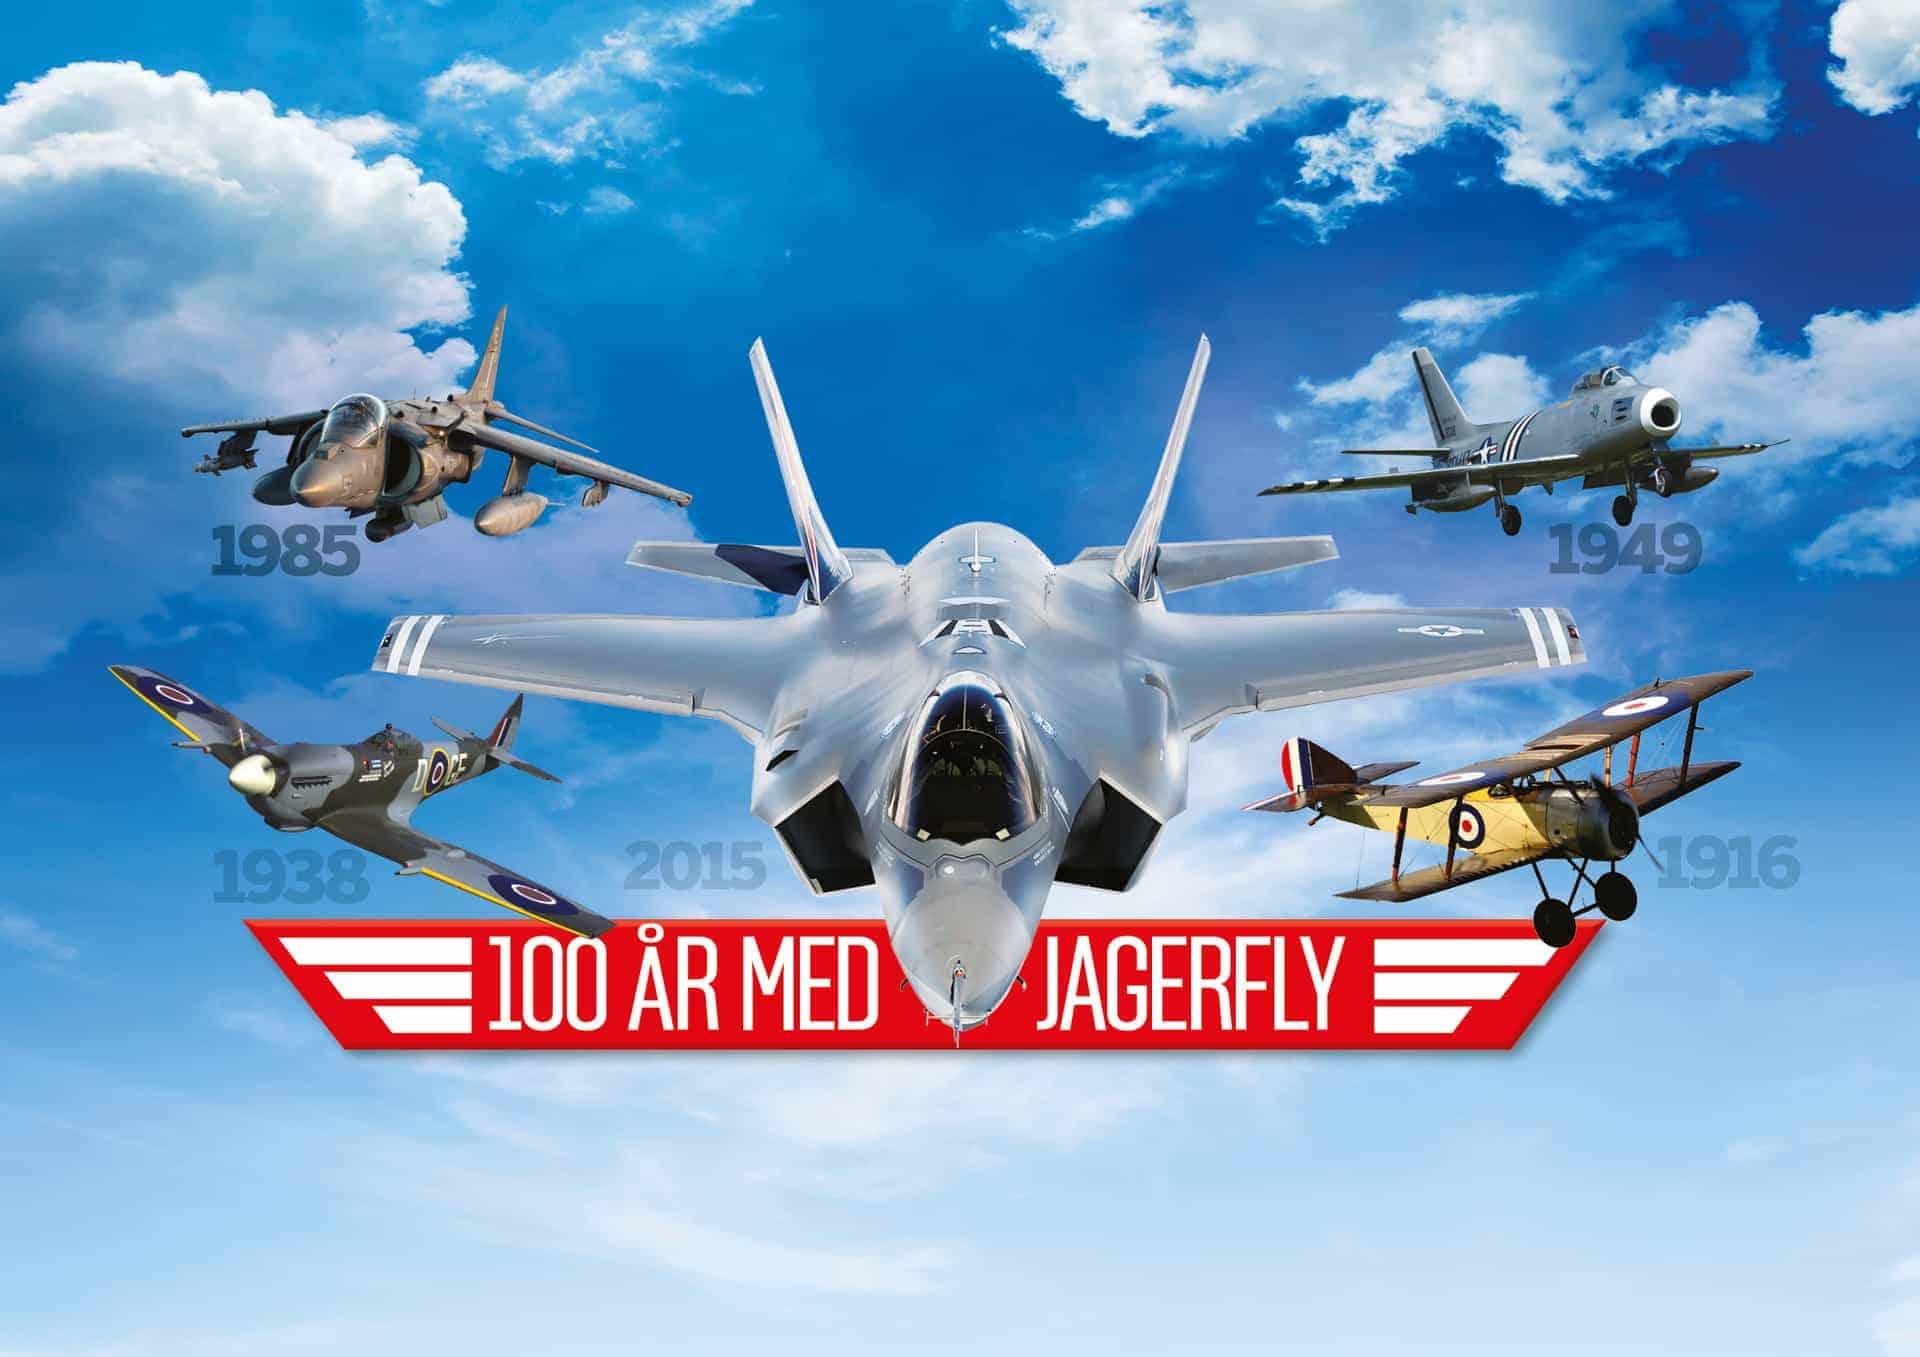 100 år med jagerfly